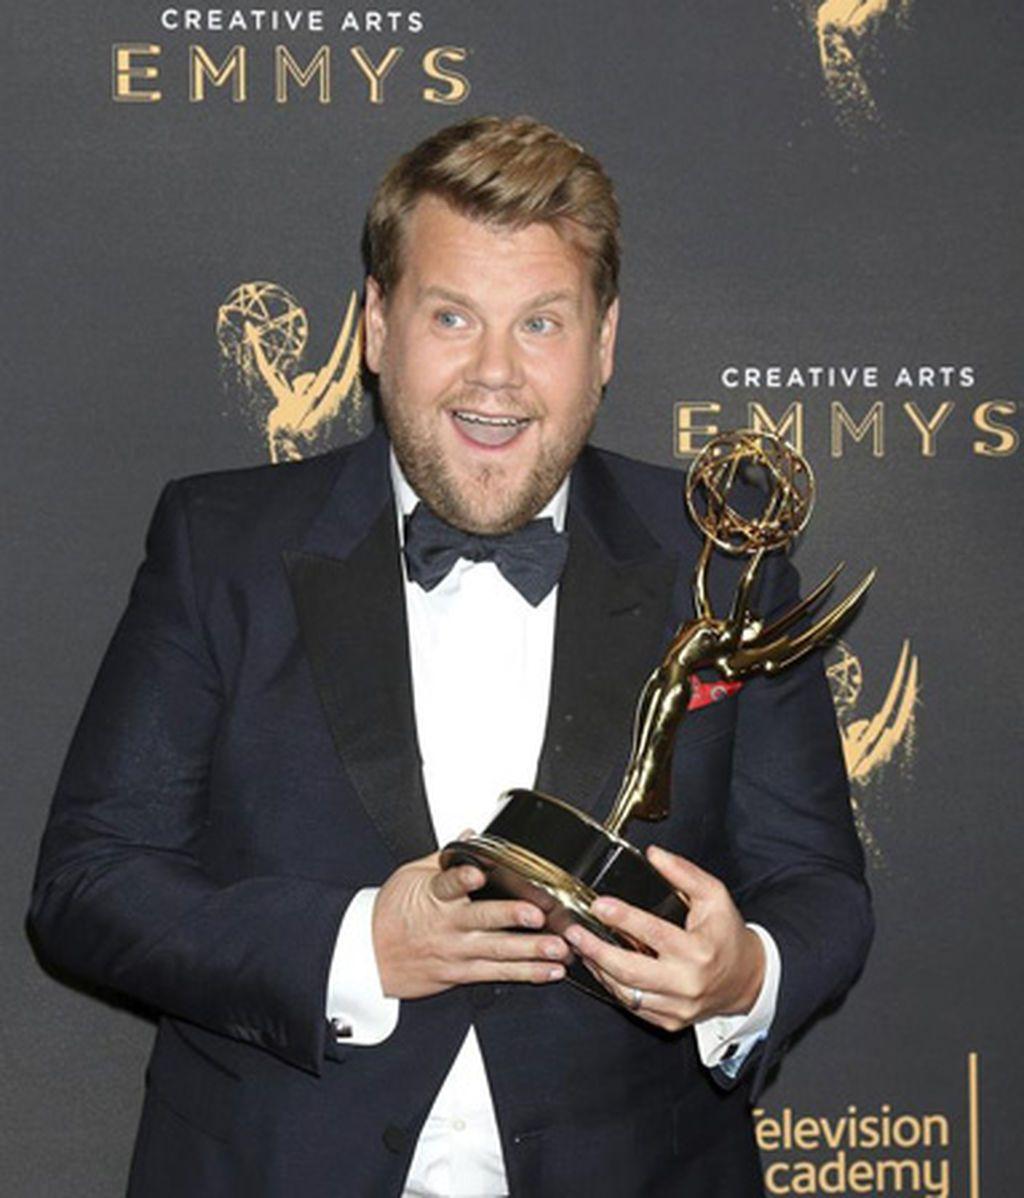 Premios Emmy a las artes creativas